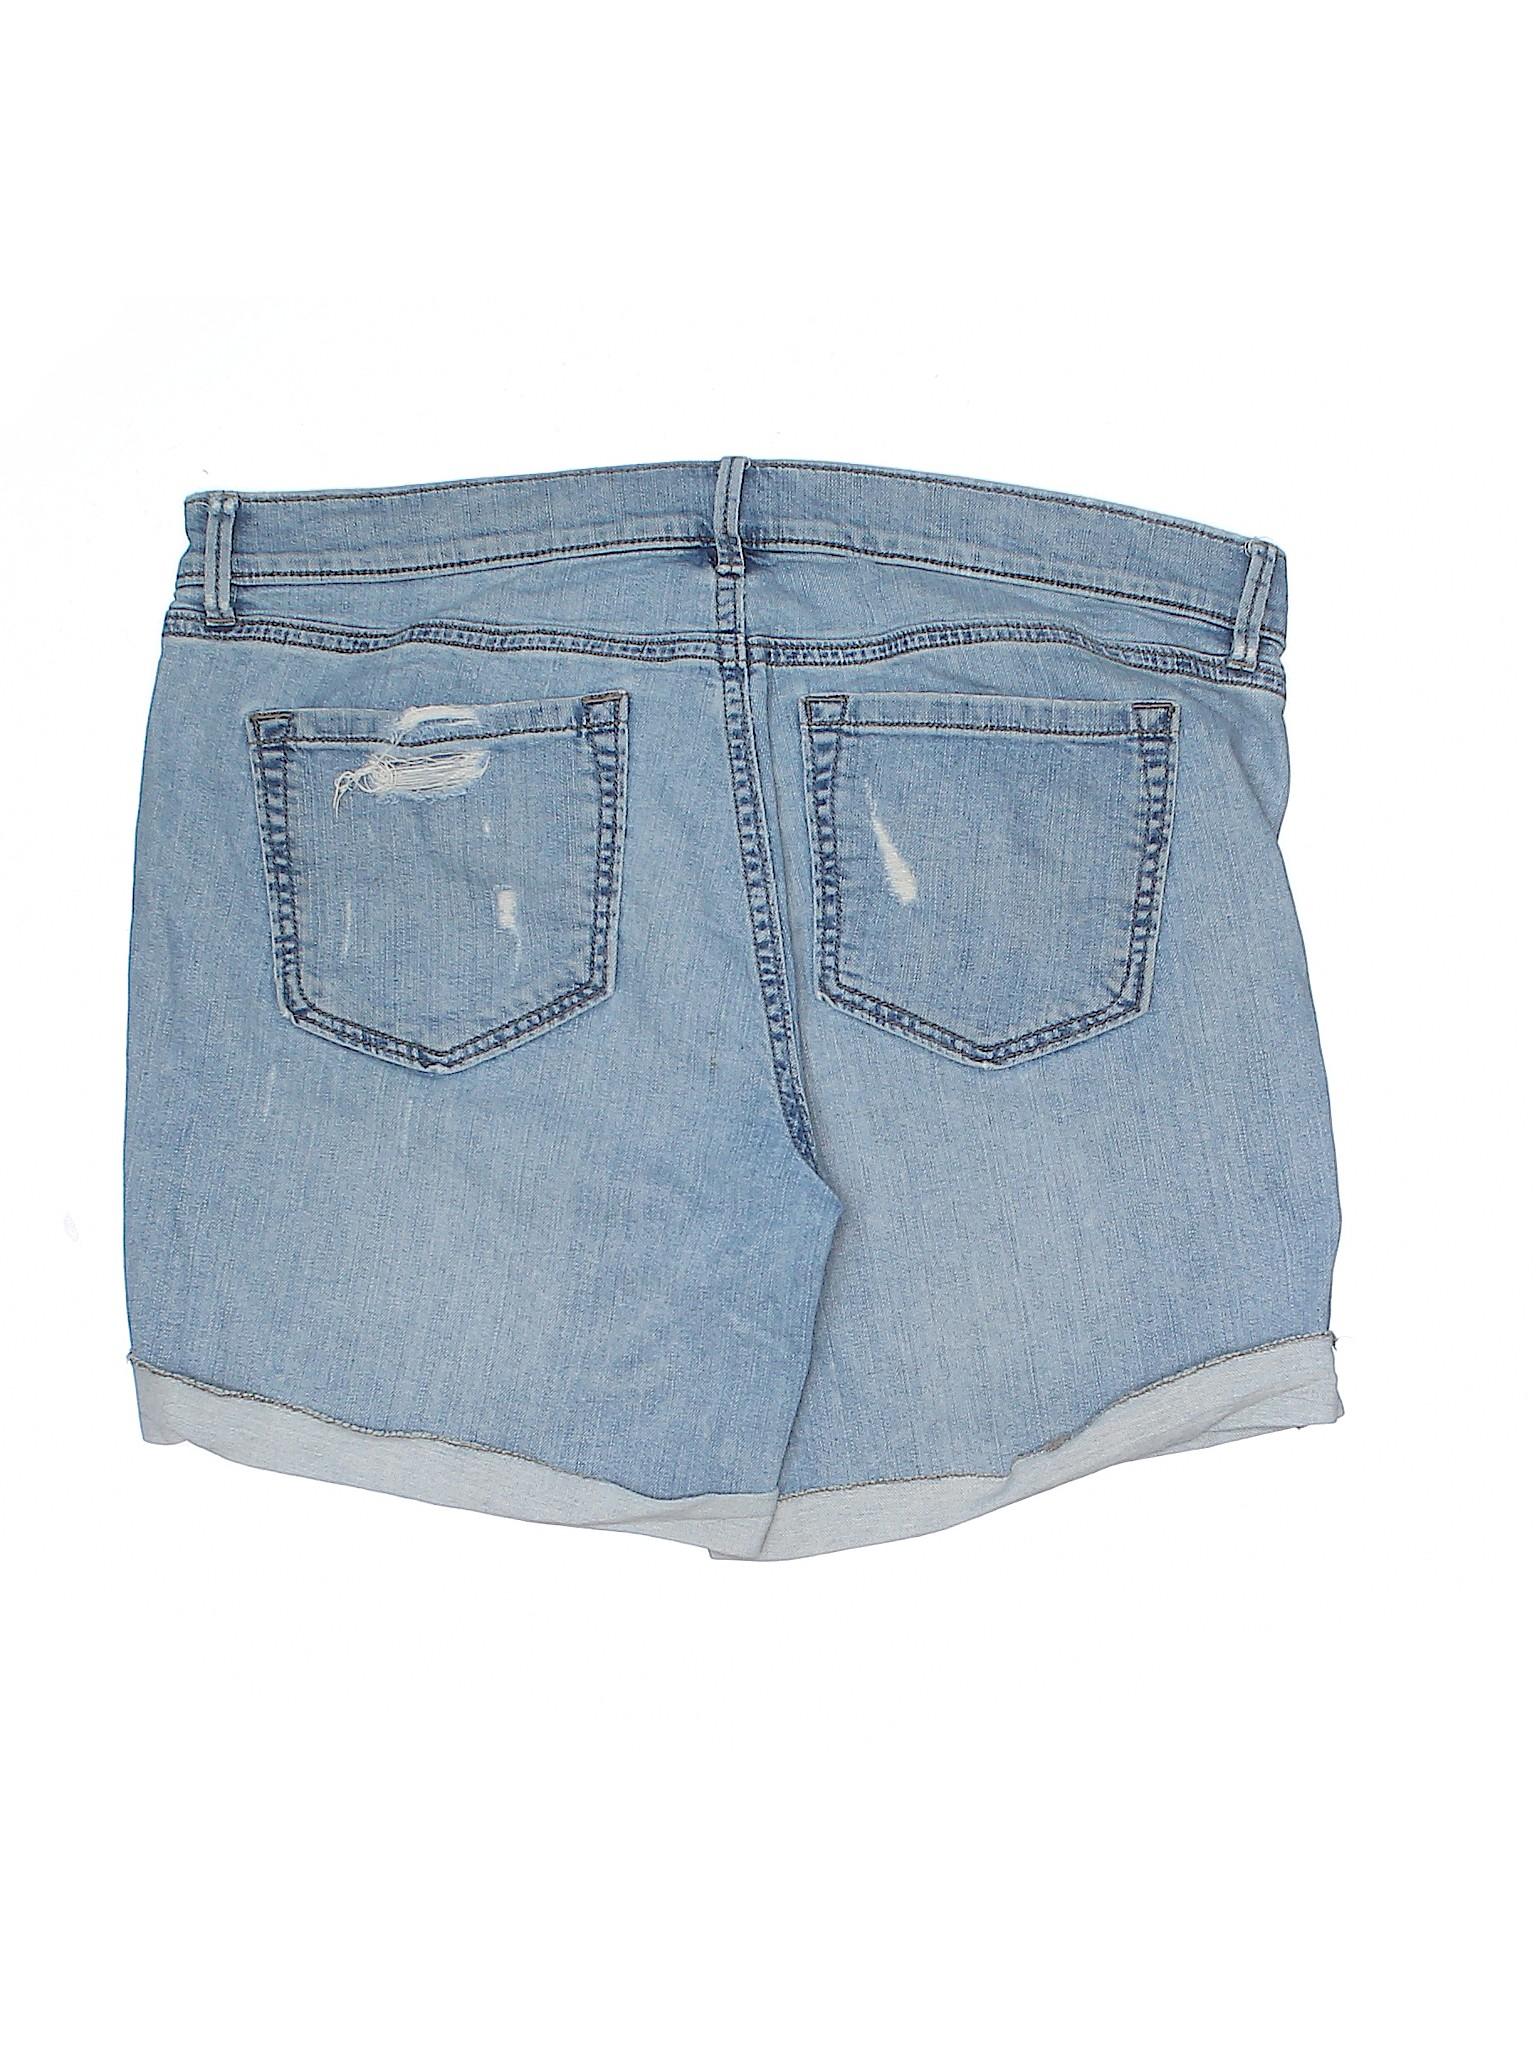 Shorts Boutique Denim LOFT Taylor Ann leisure Pcvcw1X